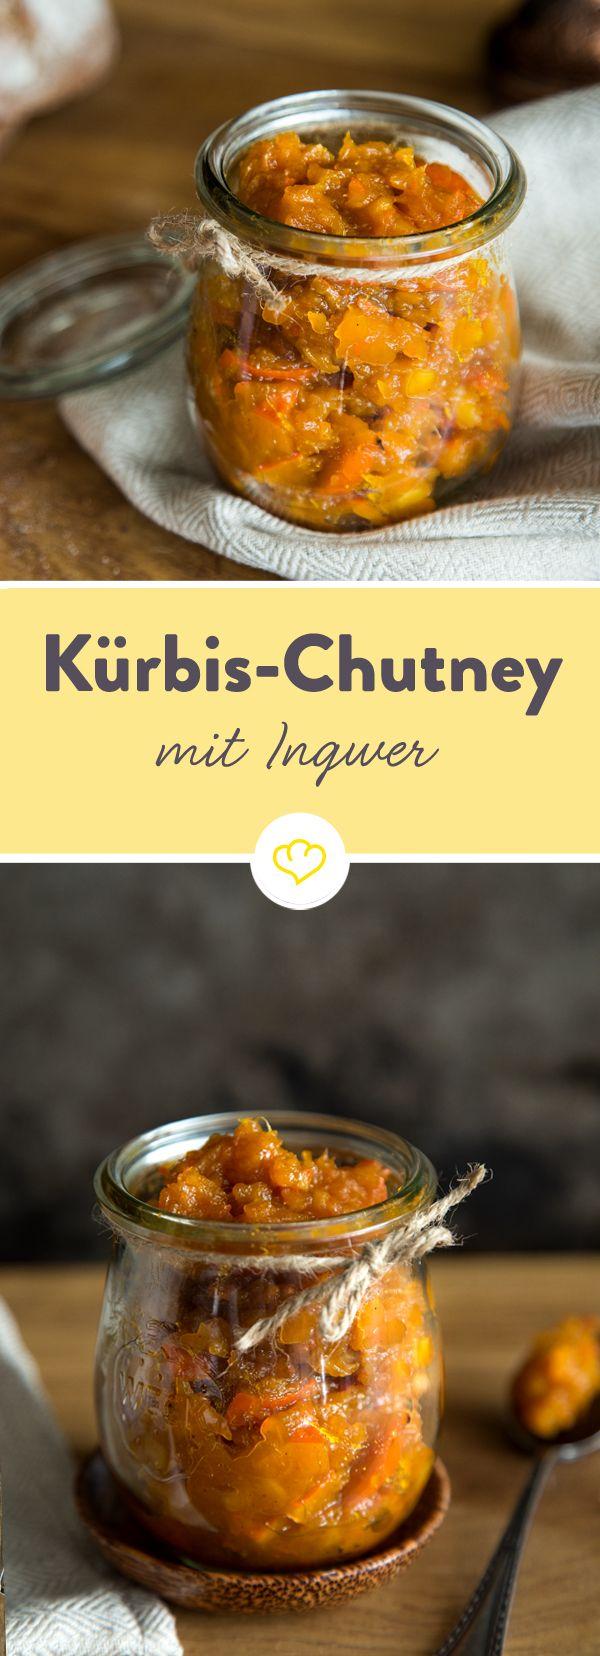 Kürbis, Orange und Ingwer werden eingekocht, abgefüllt und gemeinsam zu einem süß-scharfen Erlebnis auf der Zunge, das Herbst-Liebhaber glücklich macht.                                                                                                                                                                                 Mehr